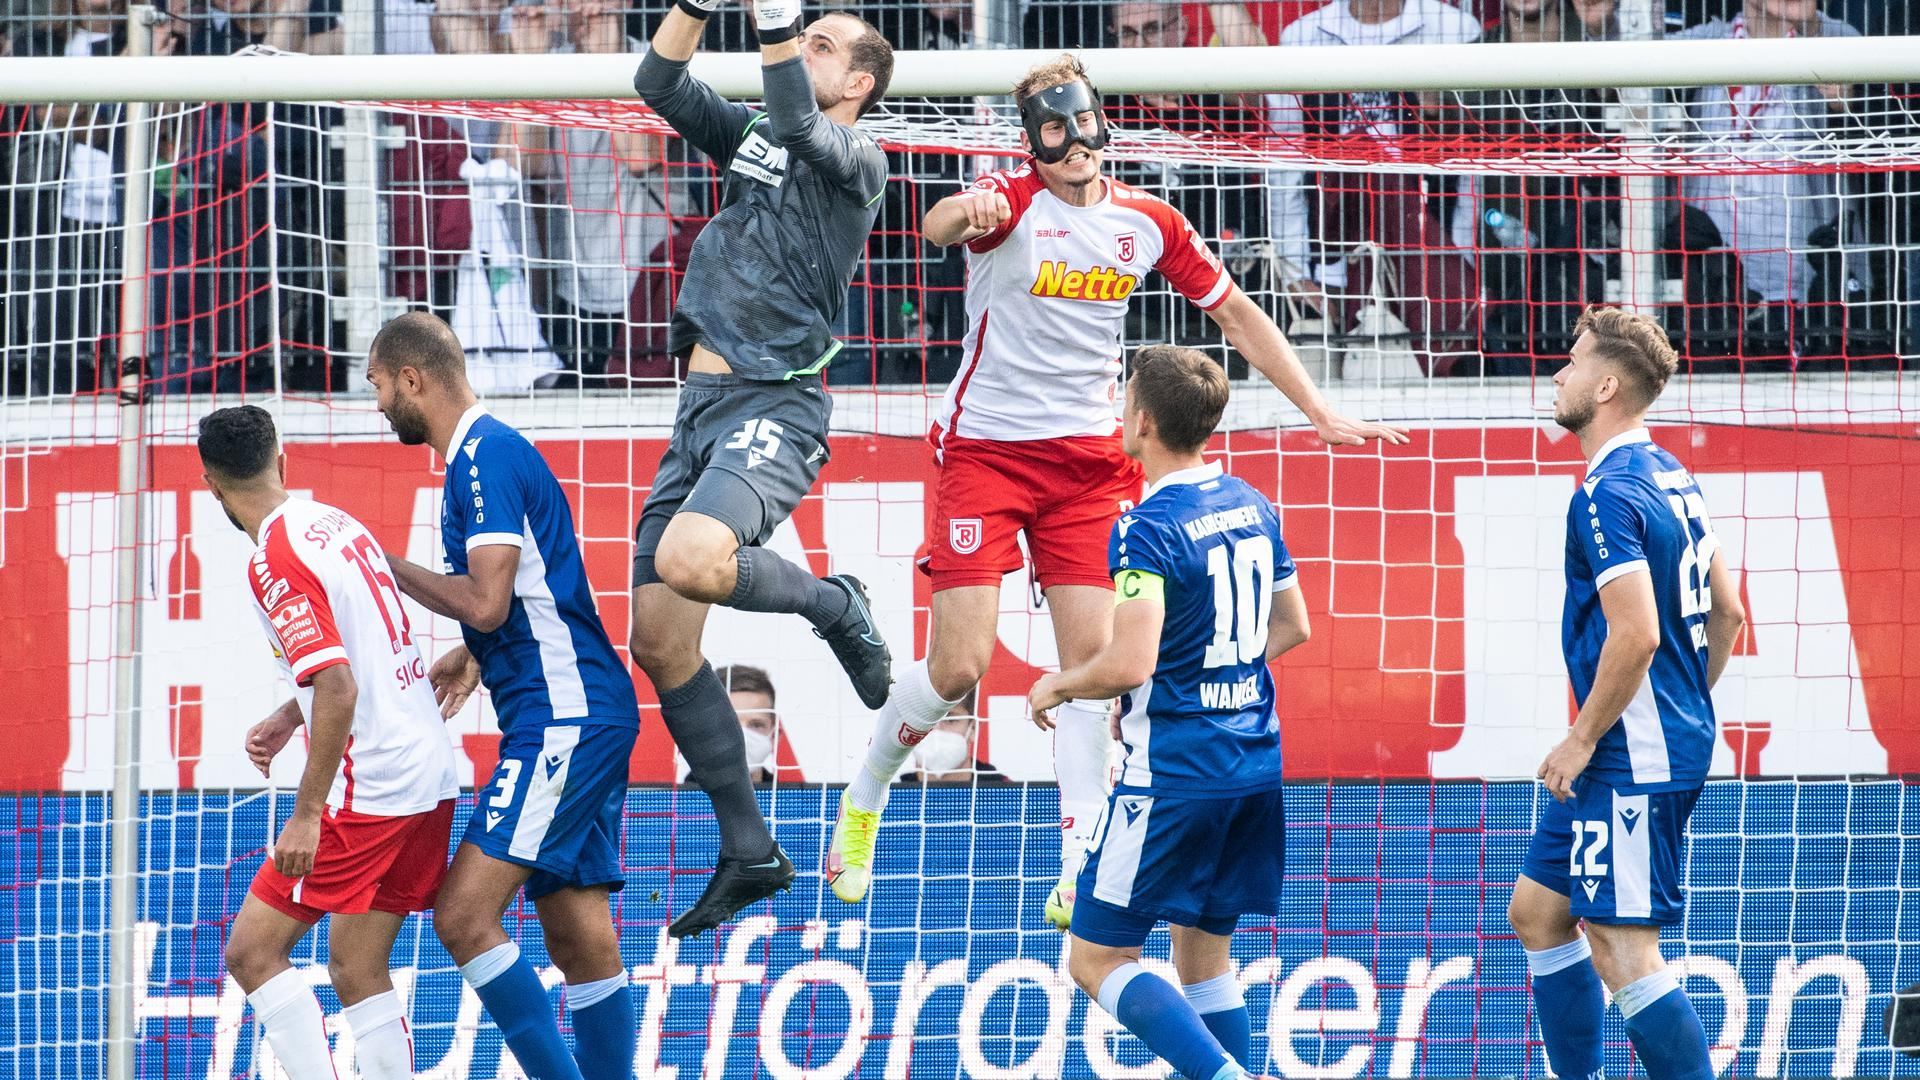 Im Mittelpunkt: Karlsruhes Torwart Marius Gersbeck hatte in einer wild zugespitzten zweiten Halbzeit mehrmals alle Hände voll zu tun.